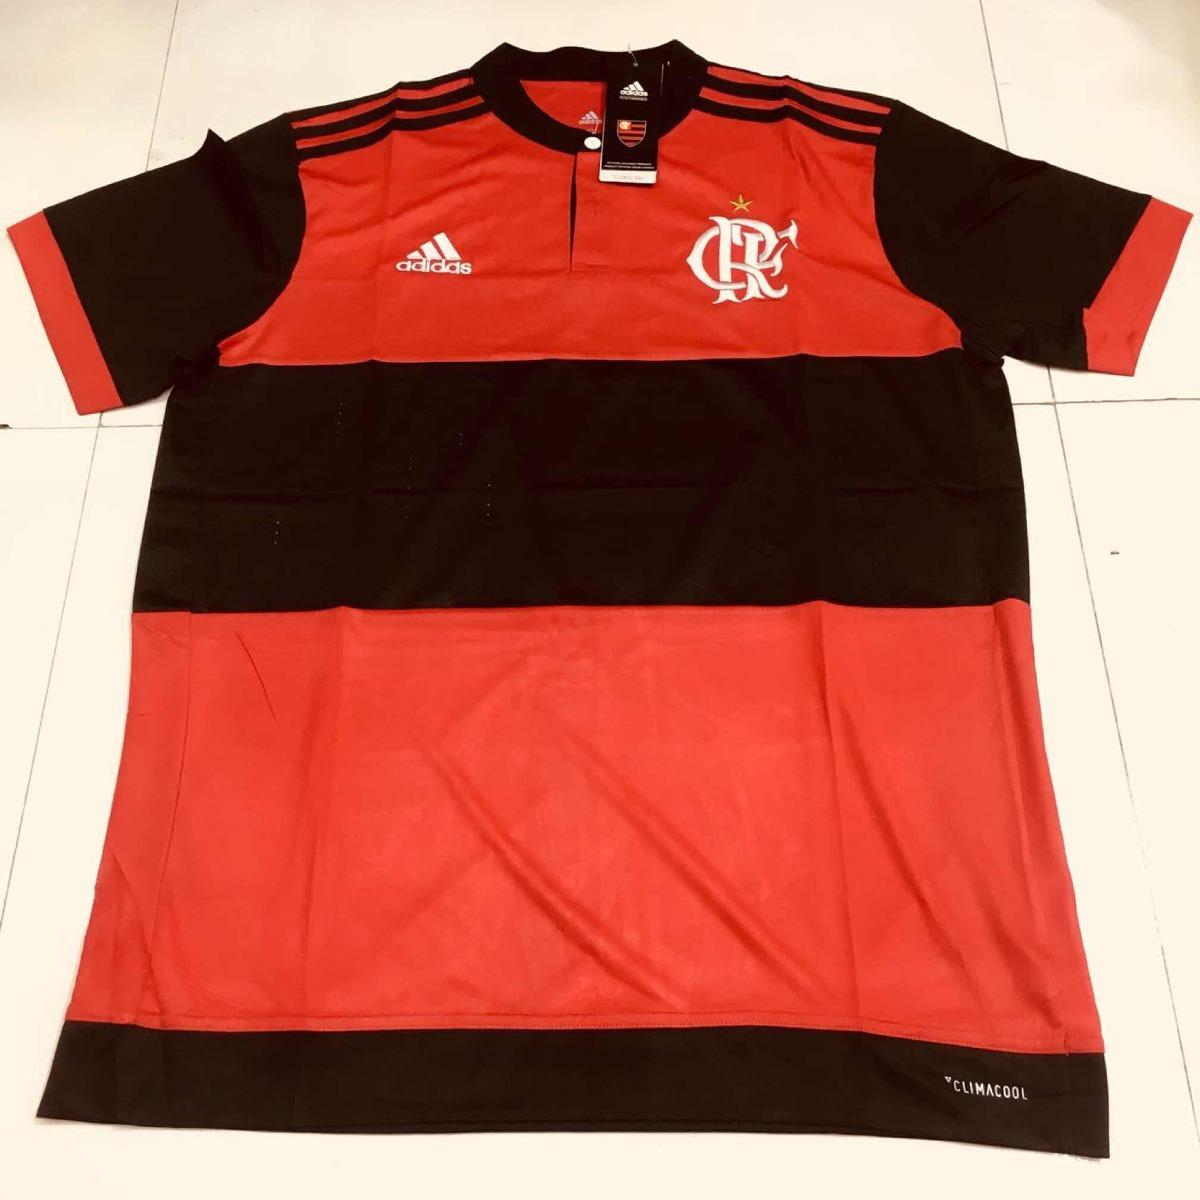 b2ebef84fc ... camisa flamengo oficial 2017 2018 adidas masculina promoção. Carregando  zoom.